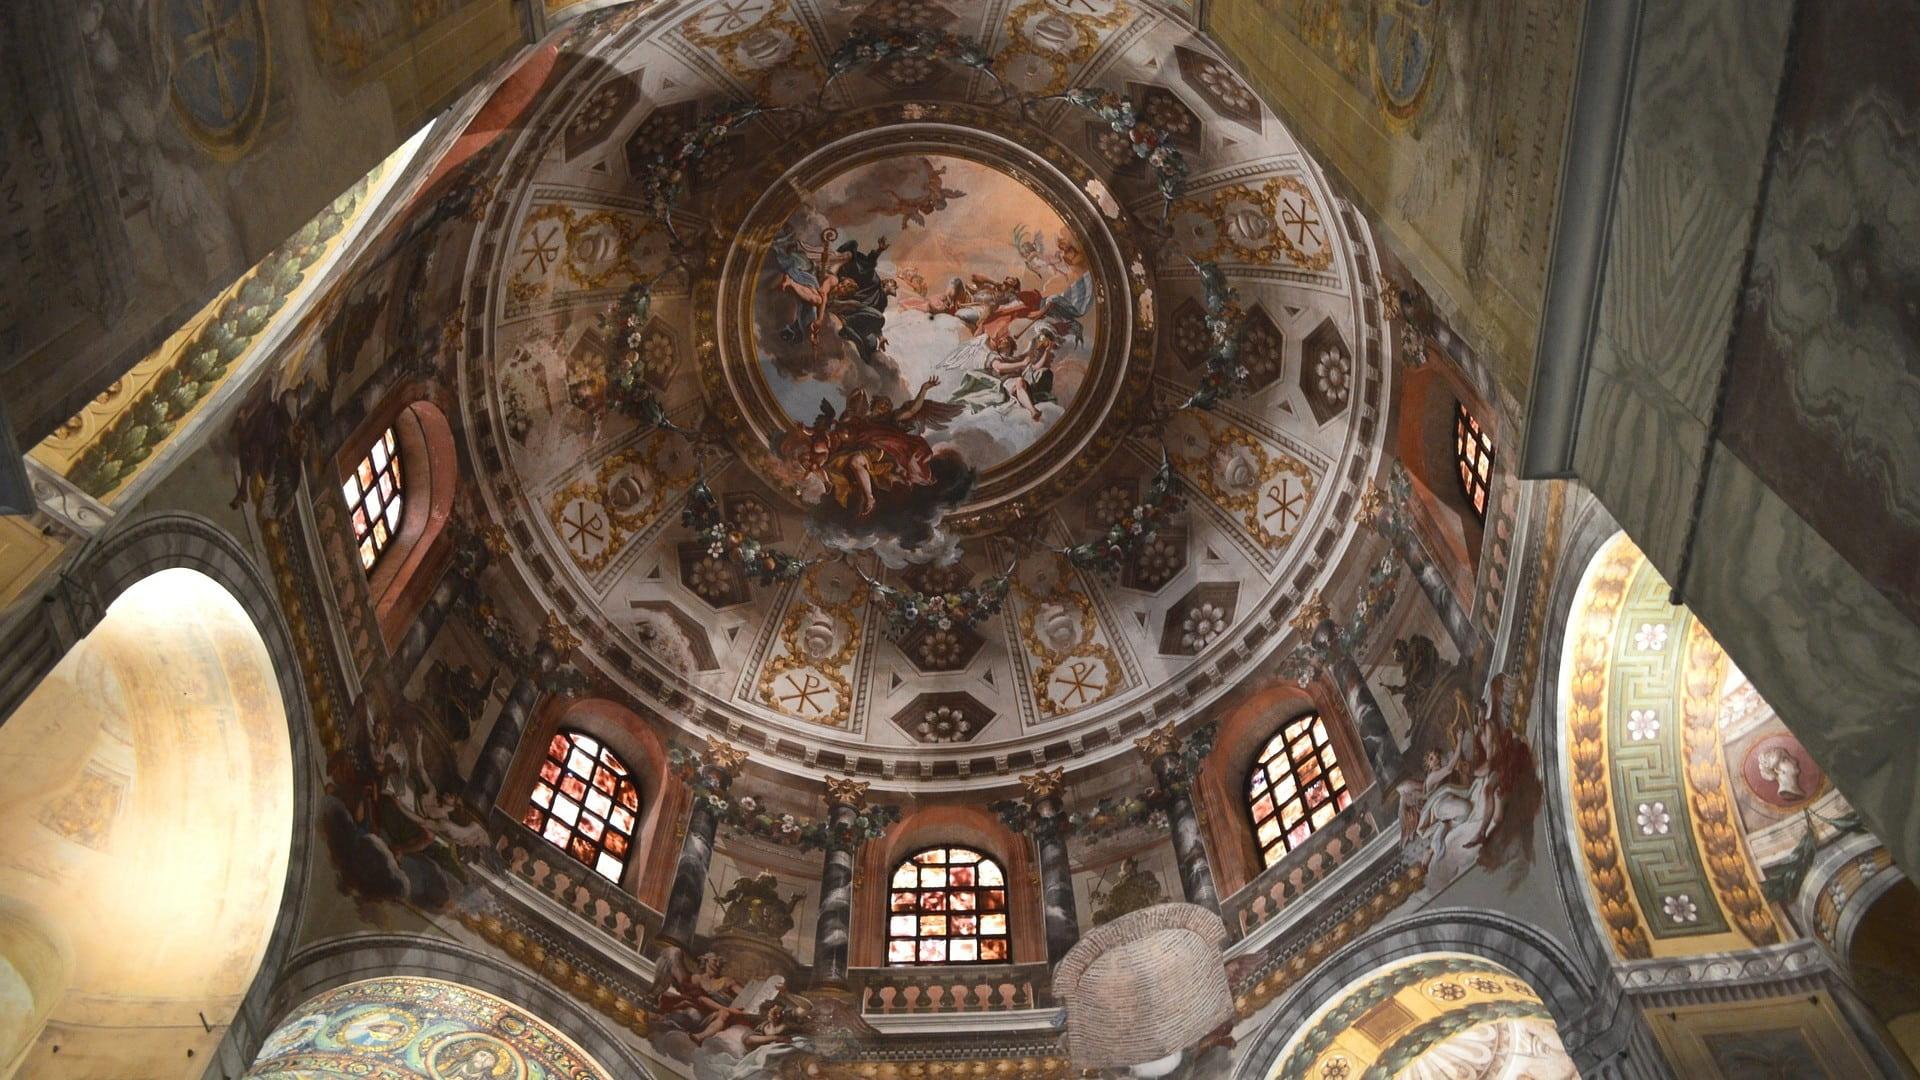 La bellissima cupola ovale affrescata della basilica di San vitale. La visita alla basilica è sicuramente la cosa da fare in assoluto in un giorno a ravenna e ti lascerà senza parole per la bellezza.